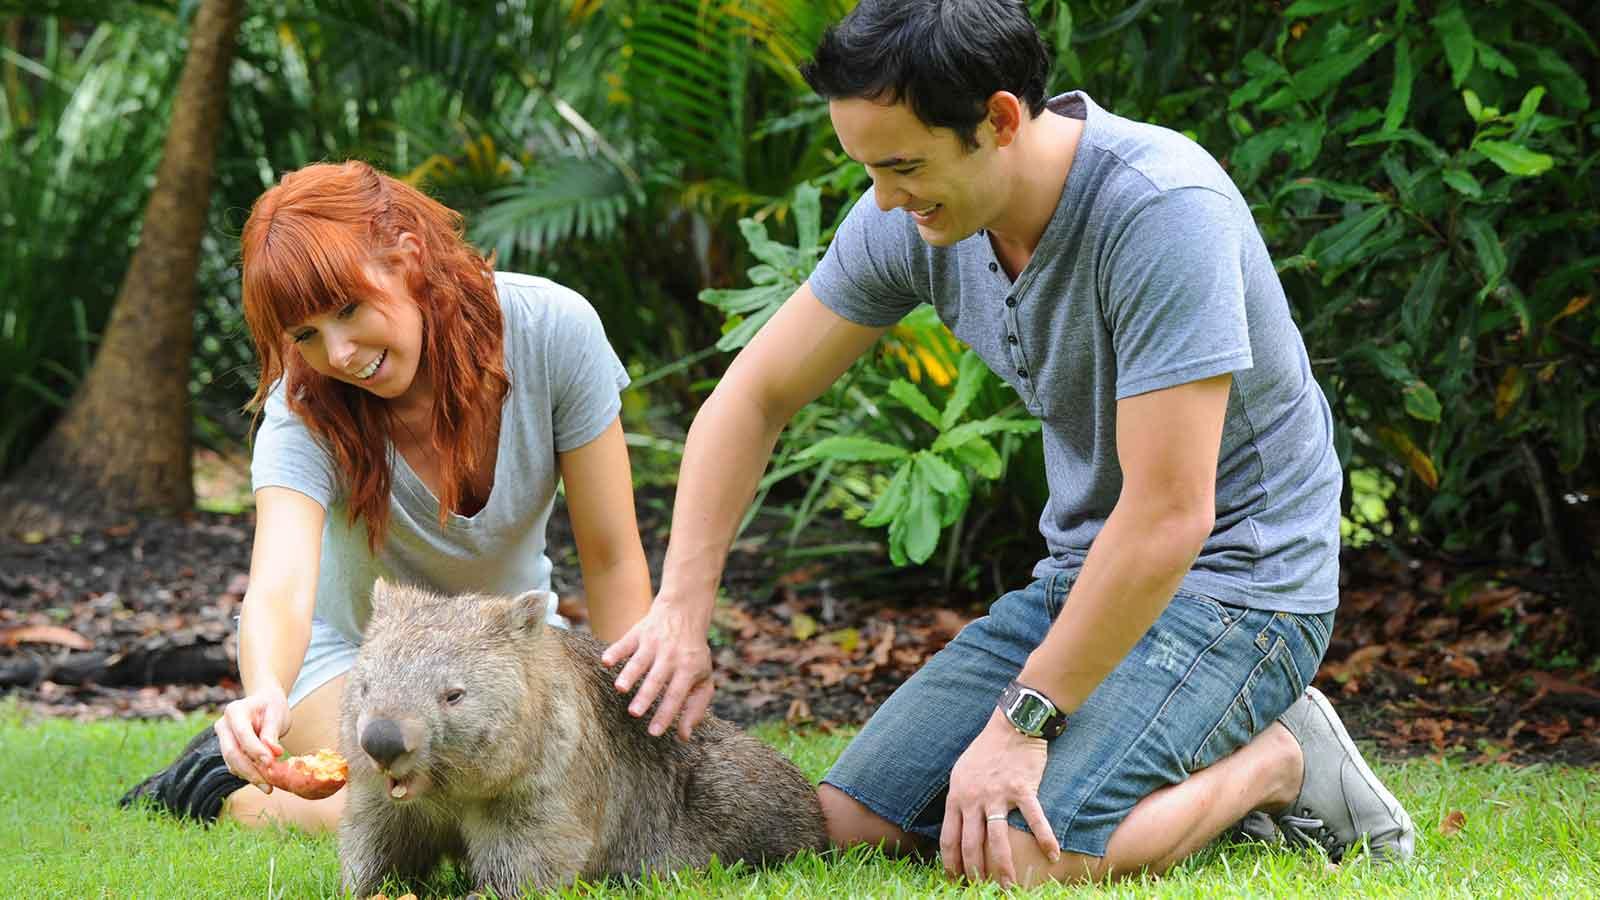 patting a wombat